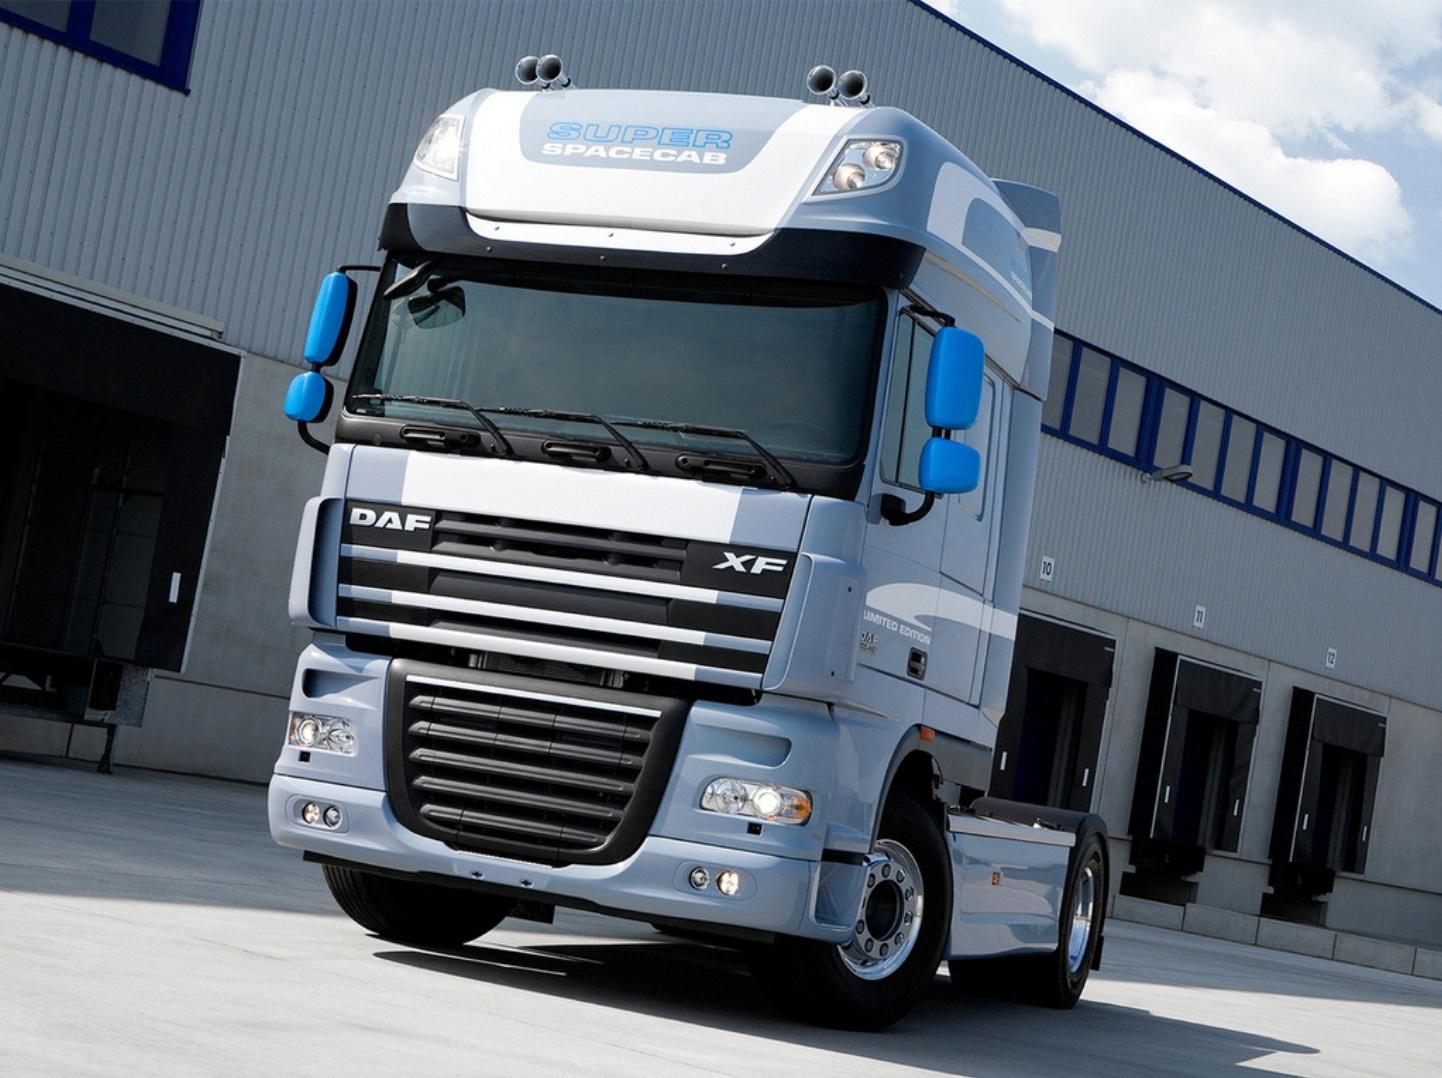 XF105 Blue Edition